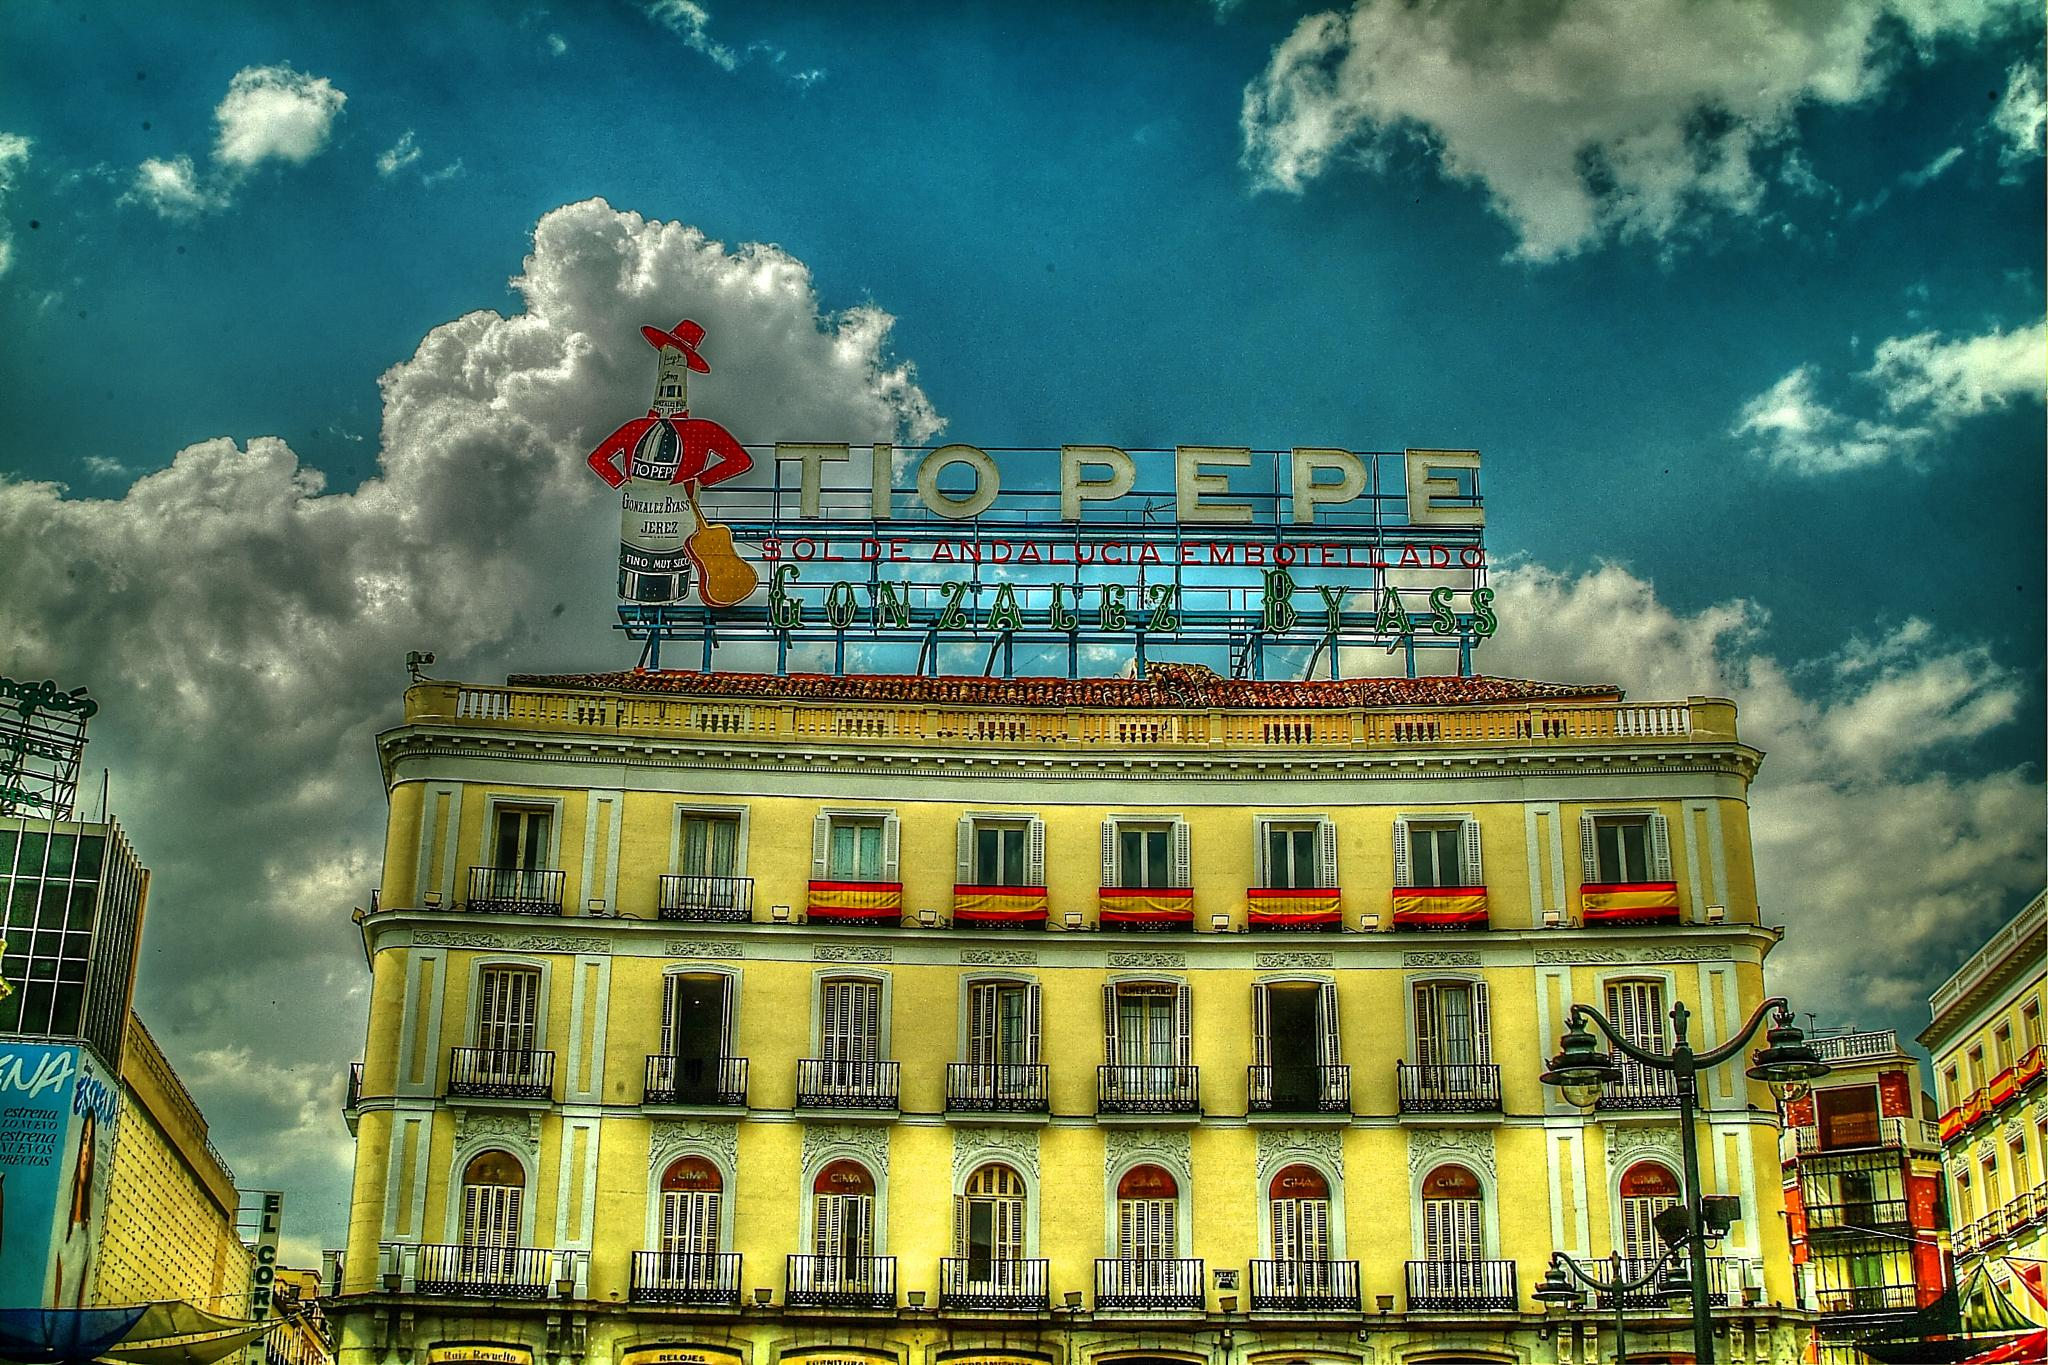 """Luminoso de """"Tio Pepe"""" de SOL by Miguel Angel Posincovich"""